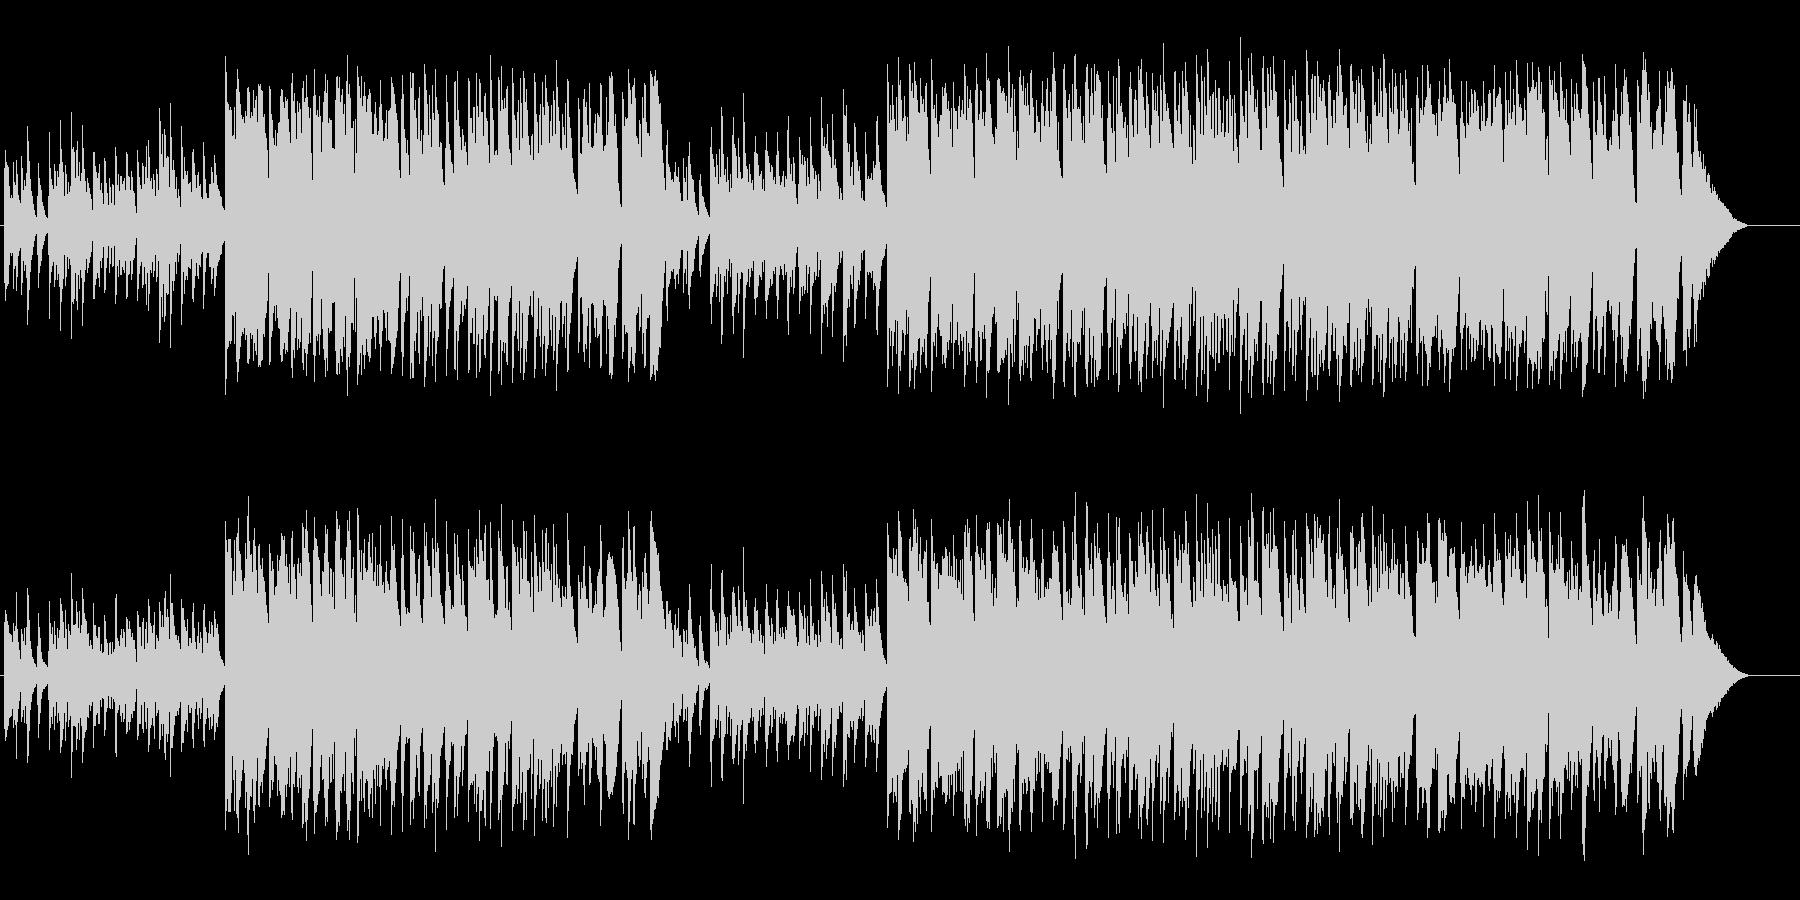 かわいいセミクラシックの未再生の波形